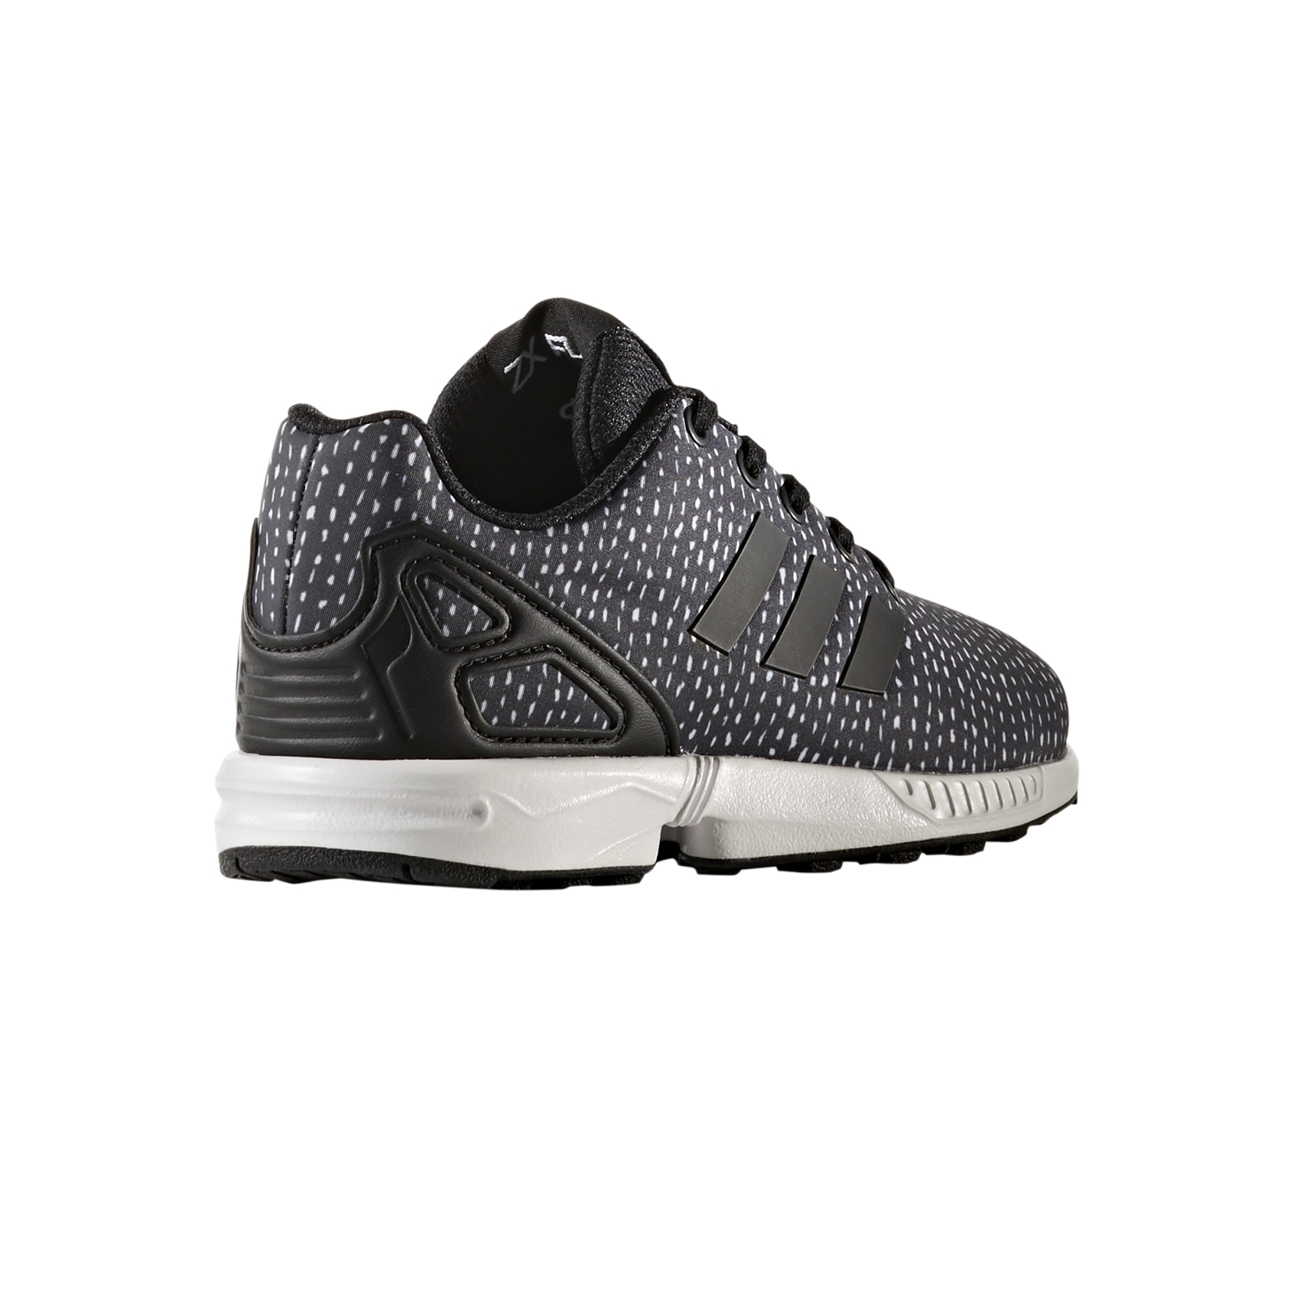 newest aa730 b2729 ... Adidas Originals ZX Flux C (core black core black ftwr white), ...